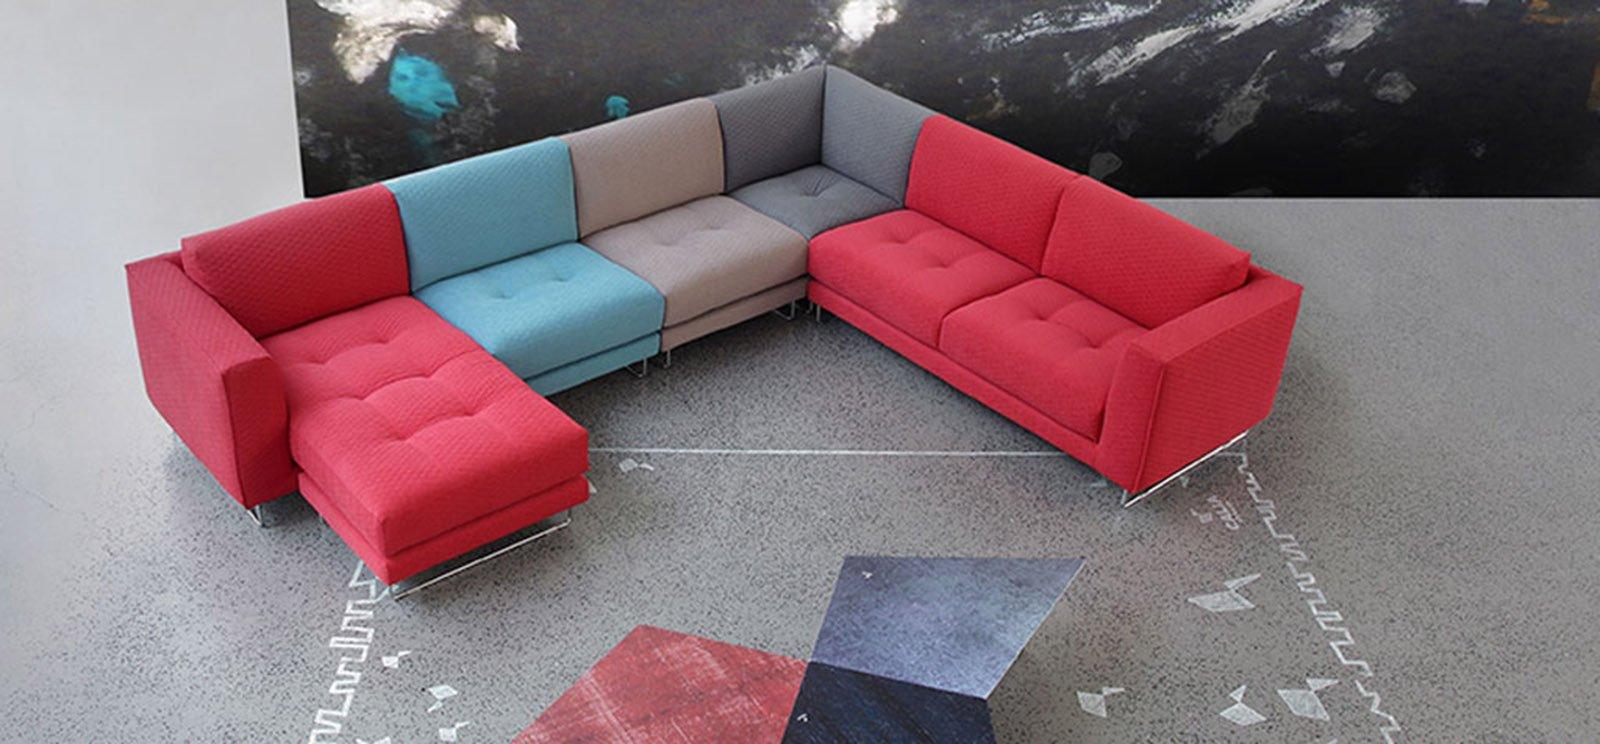 Imbottiti componibili a volte possono anche cambiare - Un piccolo divano imbottito ...